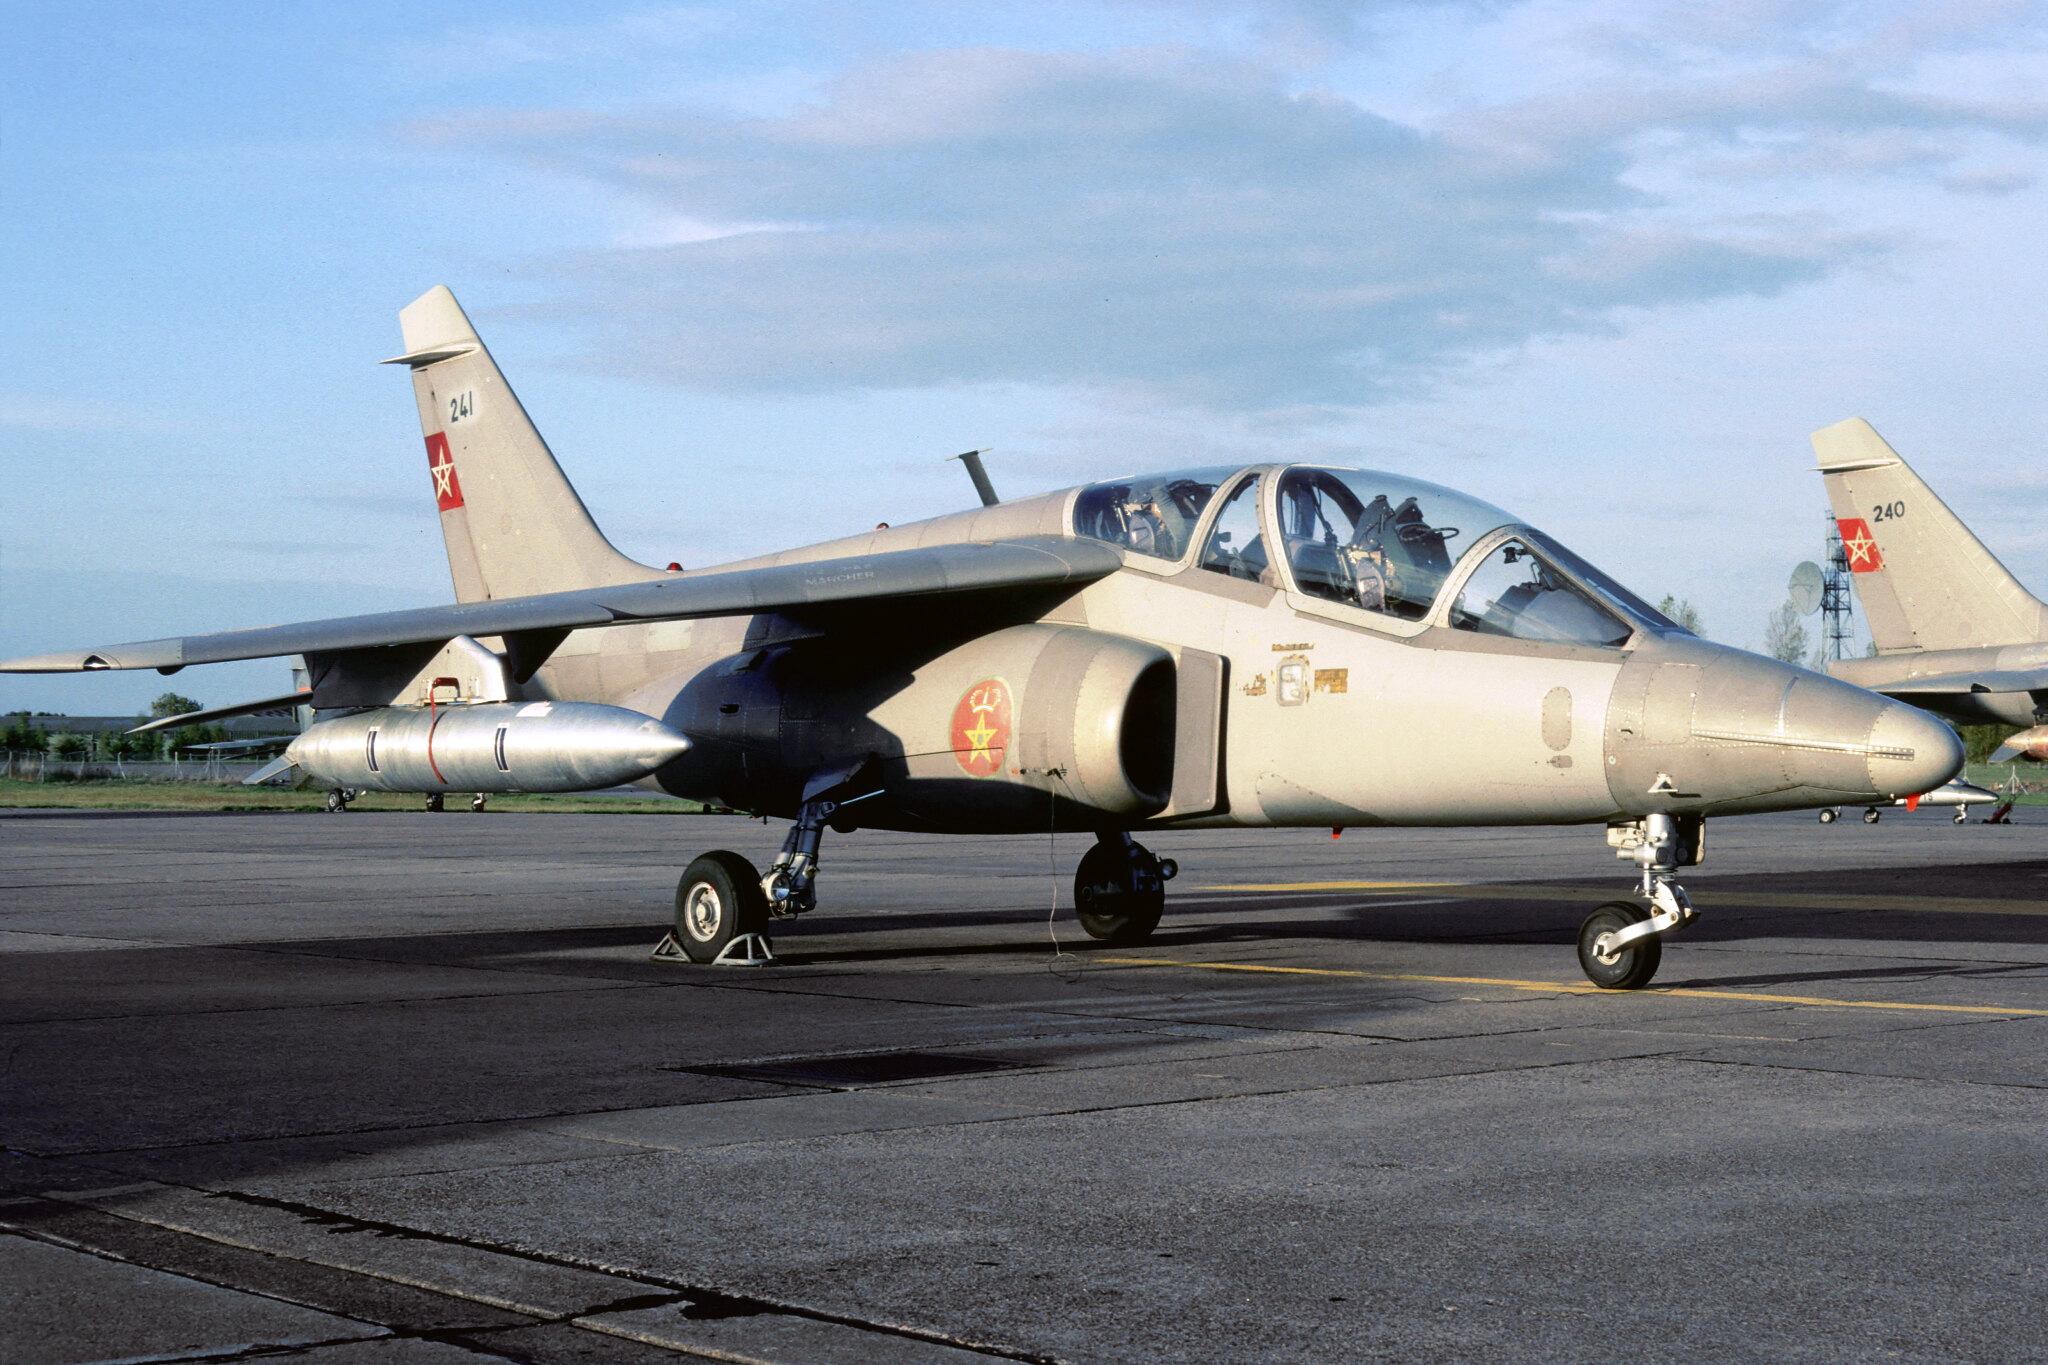 FRA: Photos avions d'entrainement et anti insurrection - Page 9 48921670451_28126803b1_k